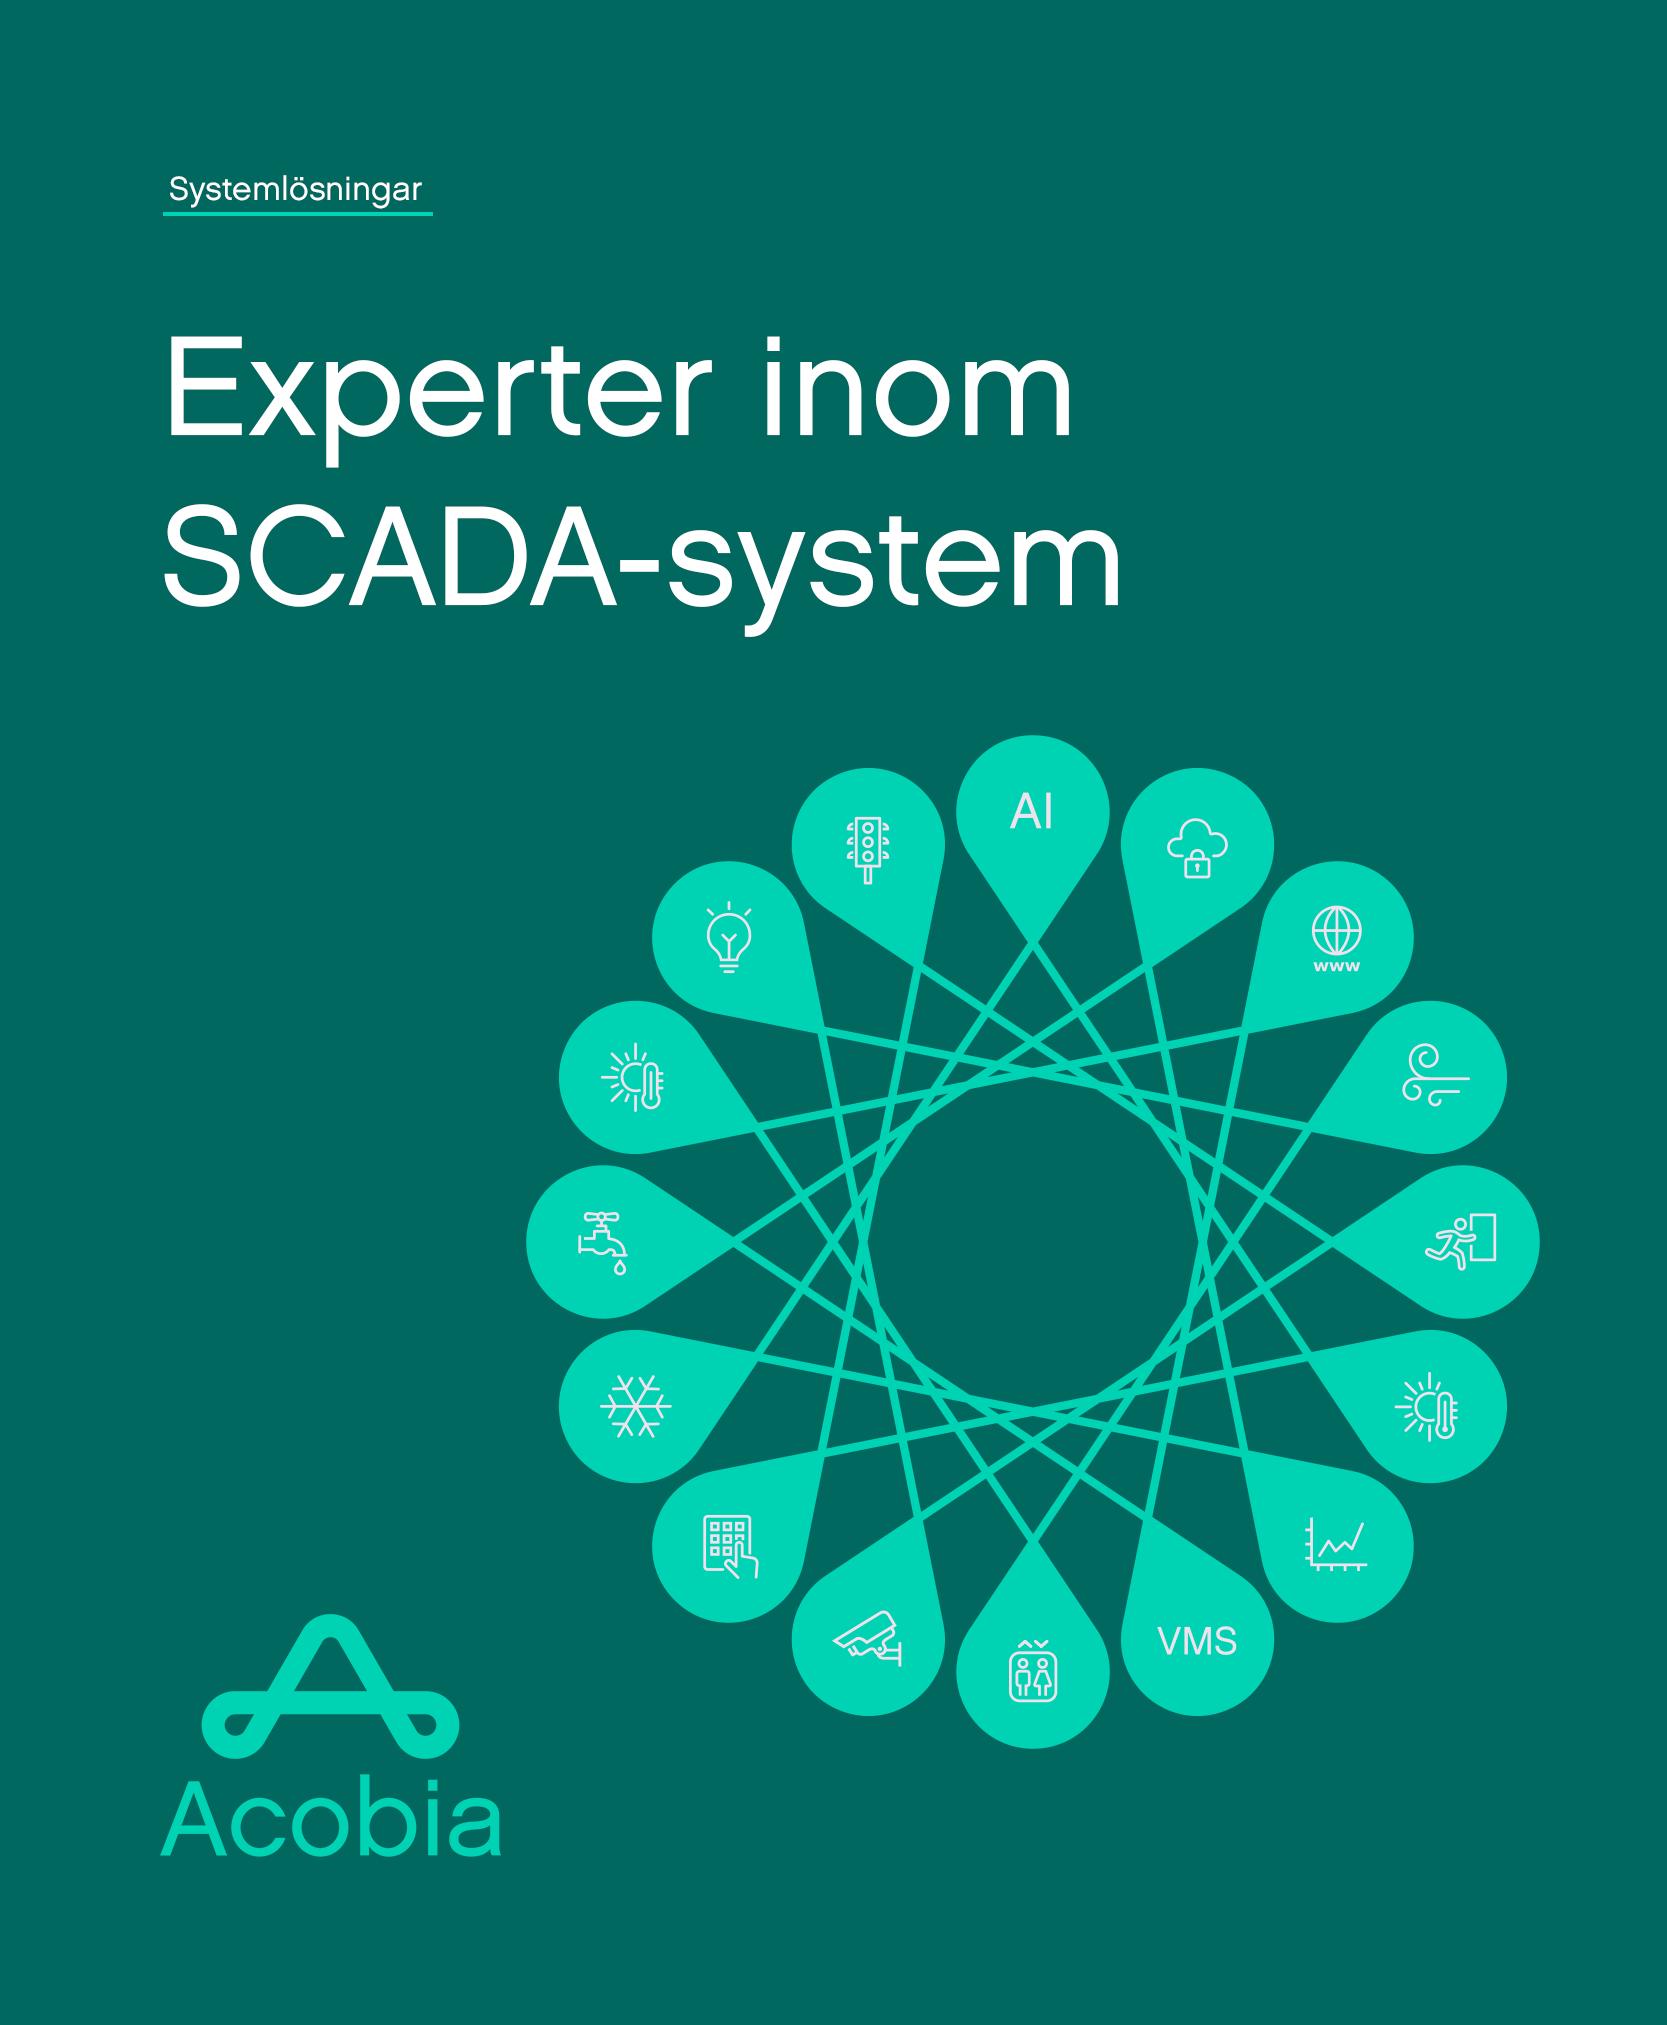 SCADA-System Acobia Experter